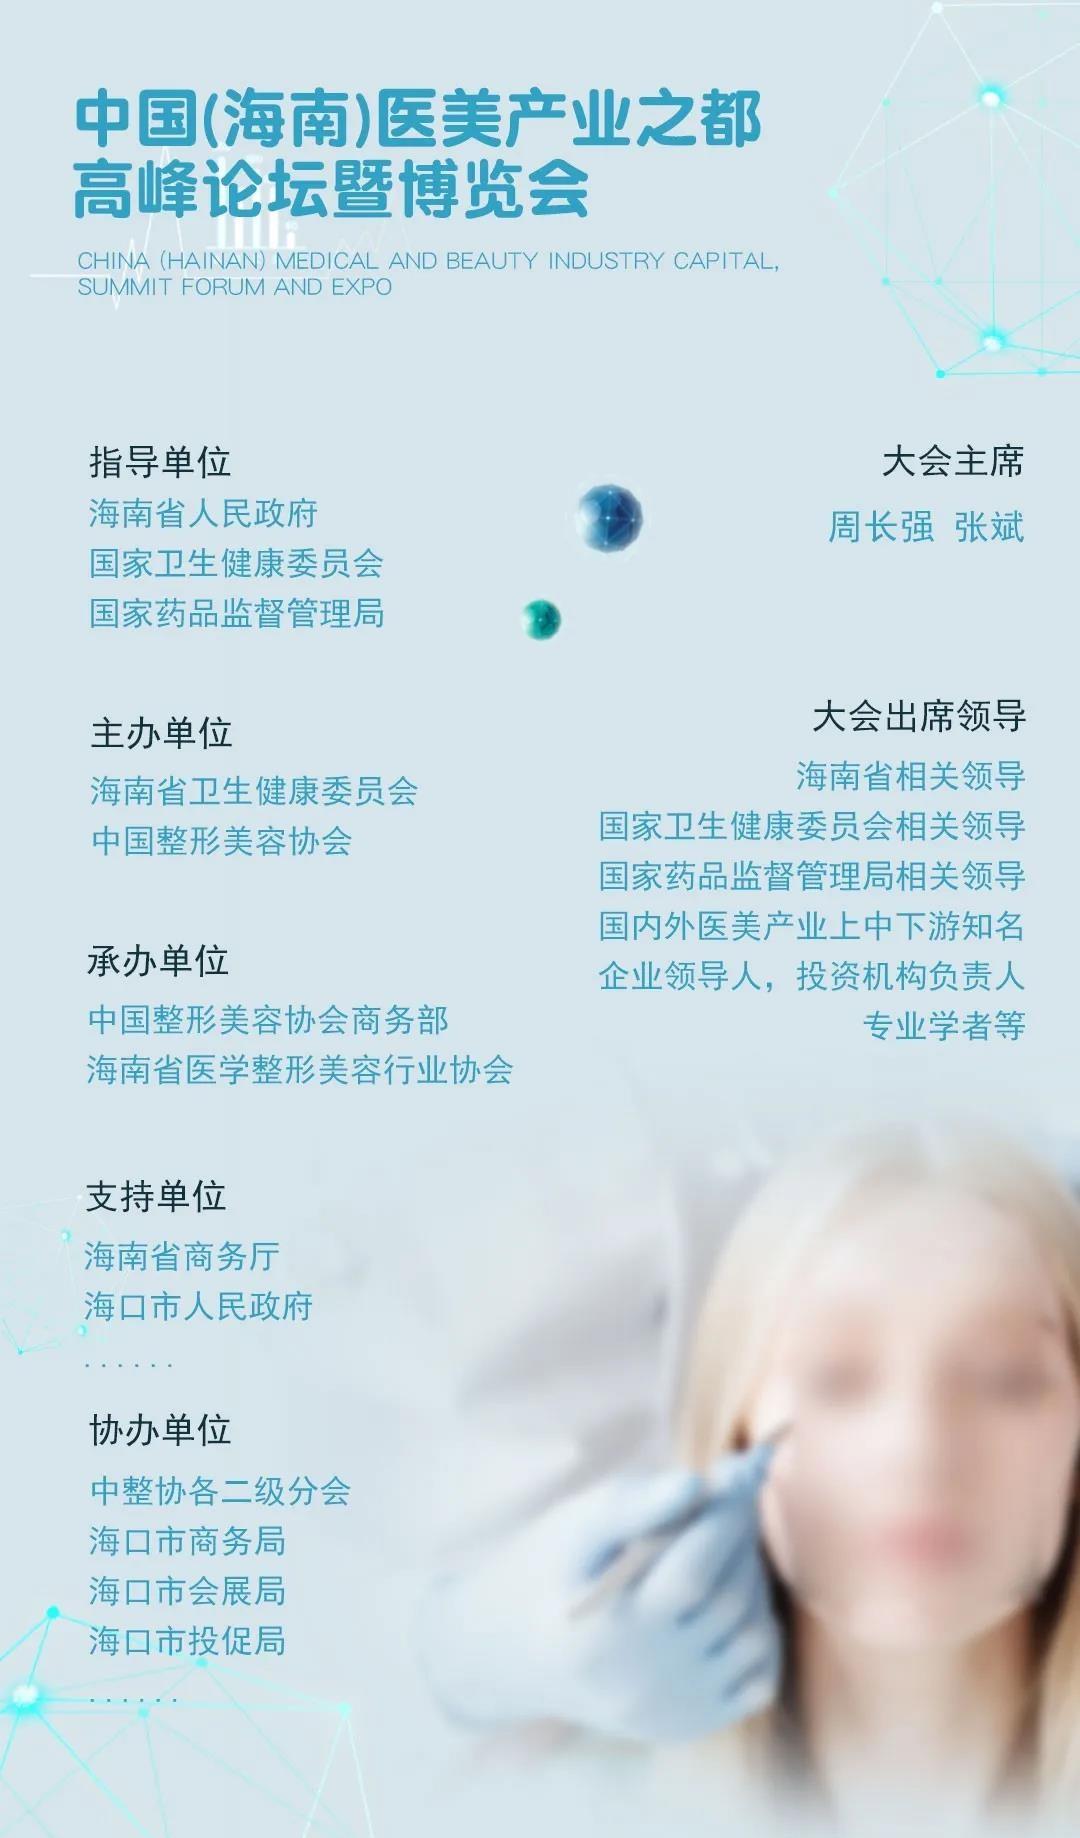 中国(海南)医美产业之都高峰论坛暨博览会第一轮通知